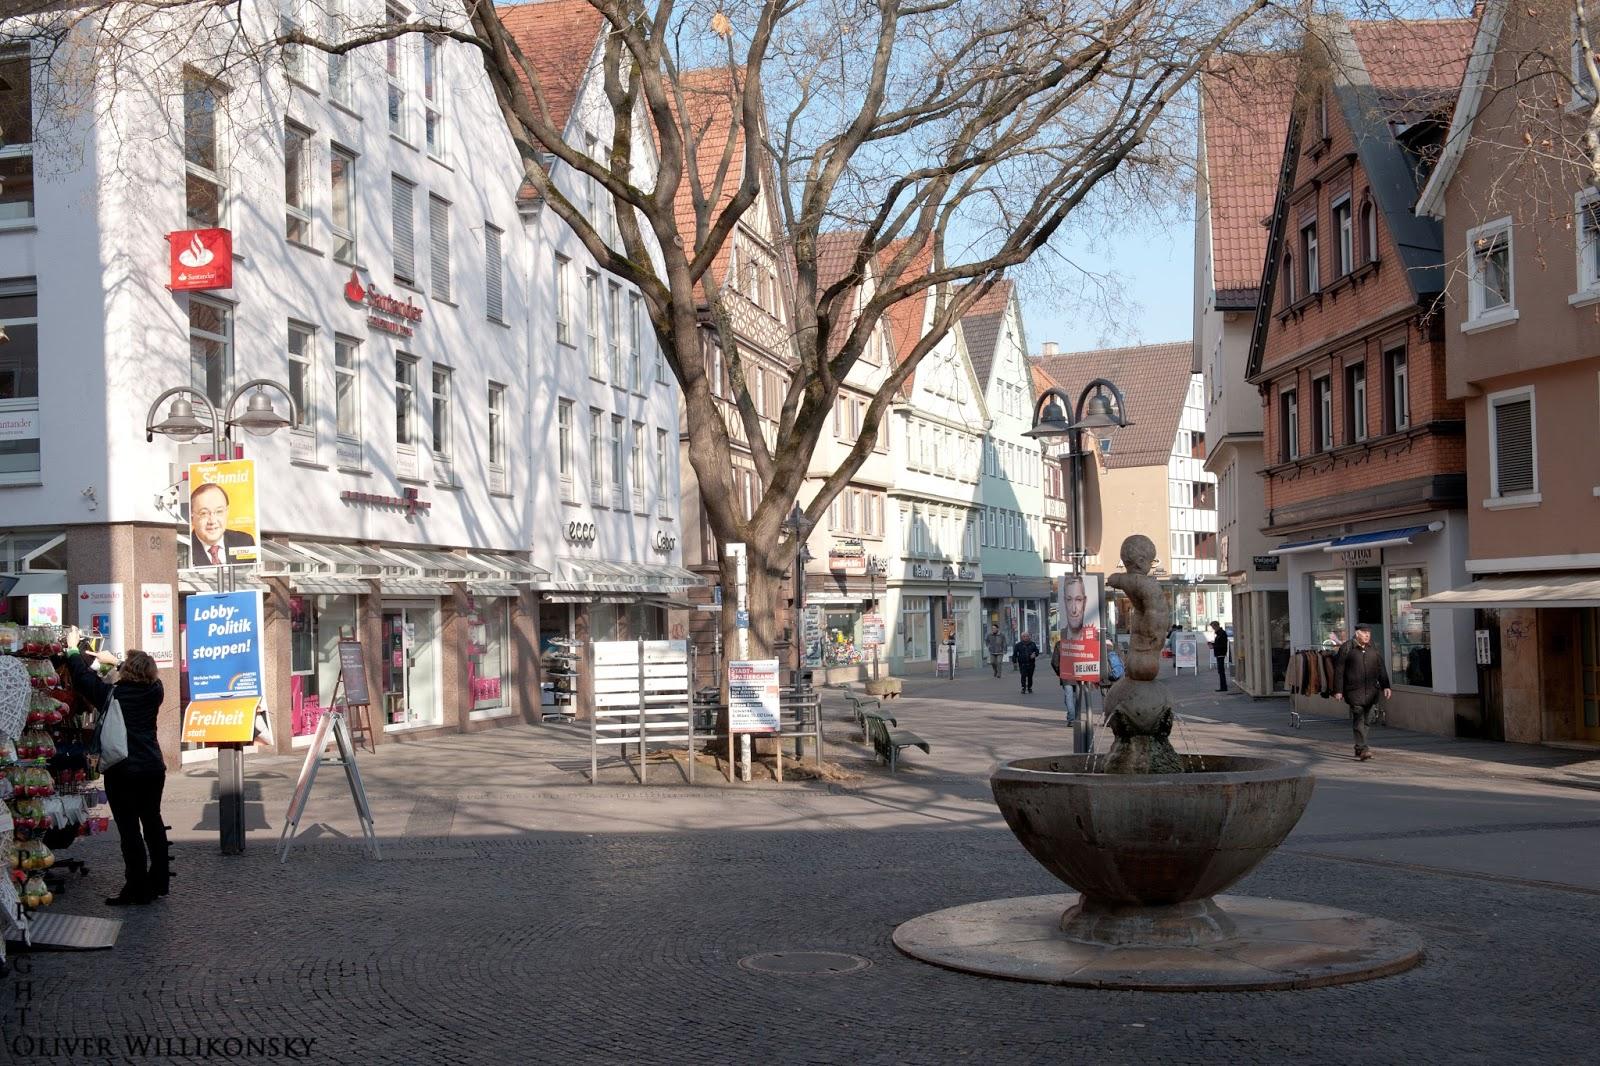 Postleitzahl Bad Cannstatt